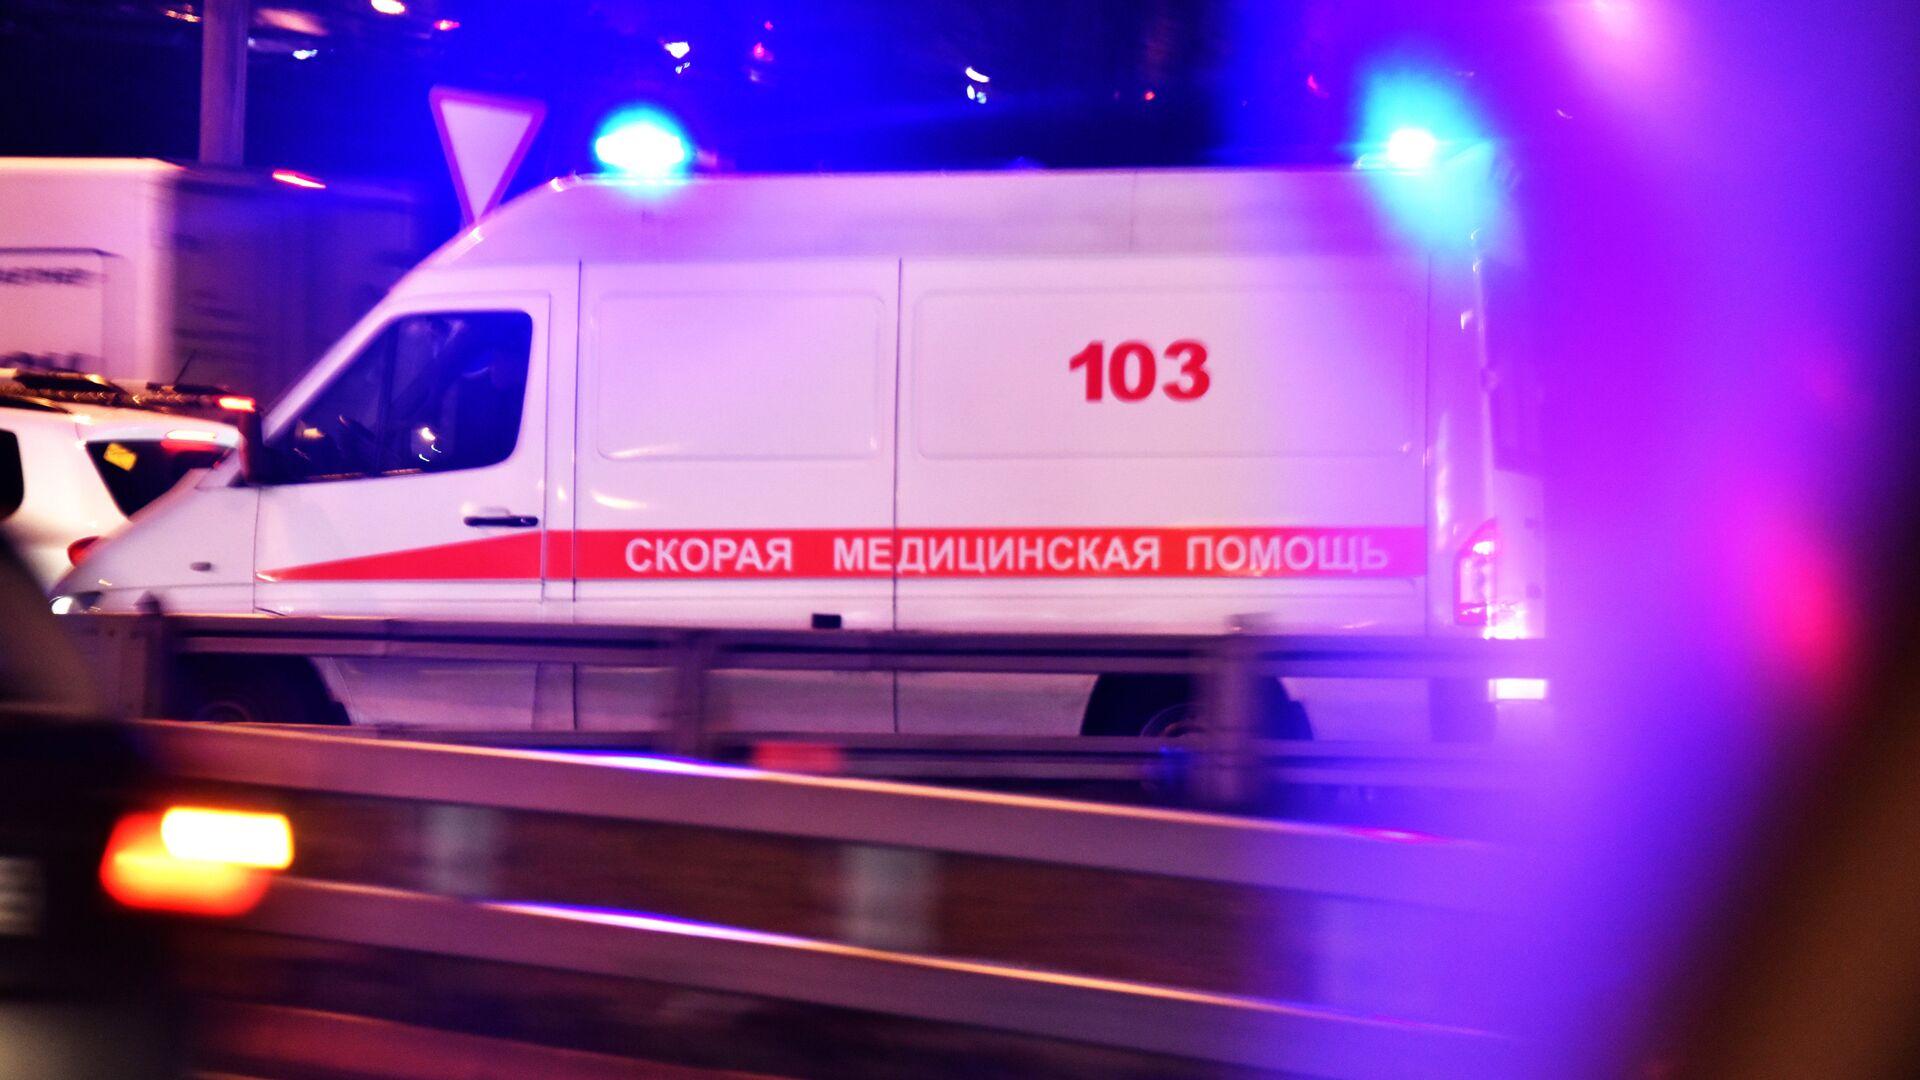 Автомобиль скорой медицинской помощи - РИА Новости, 1920, 03.10.2021